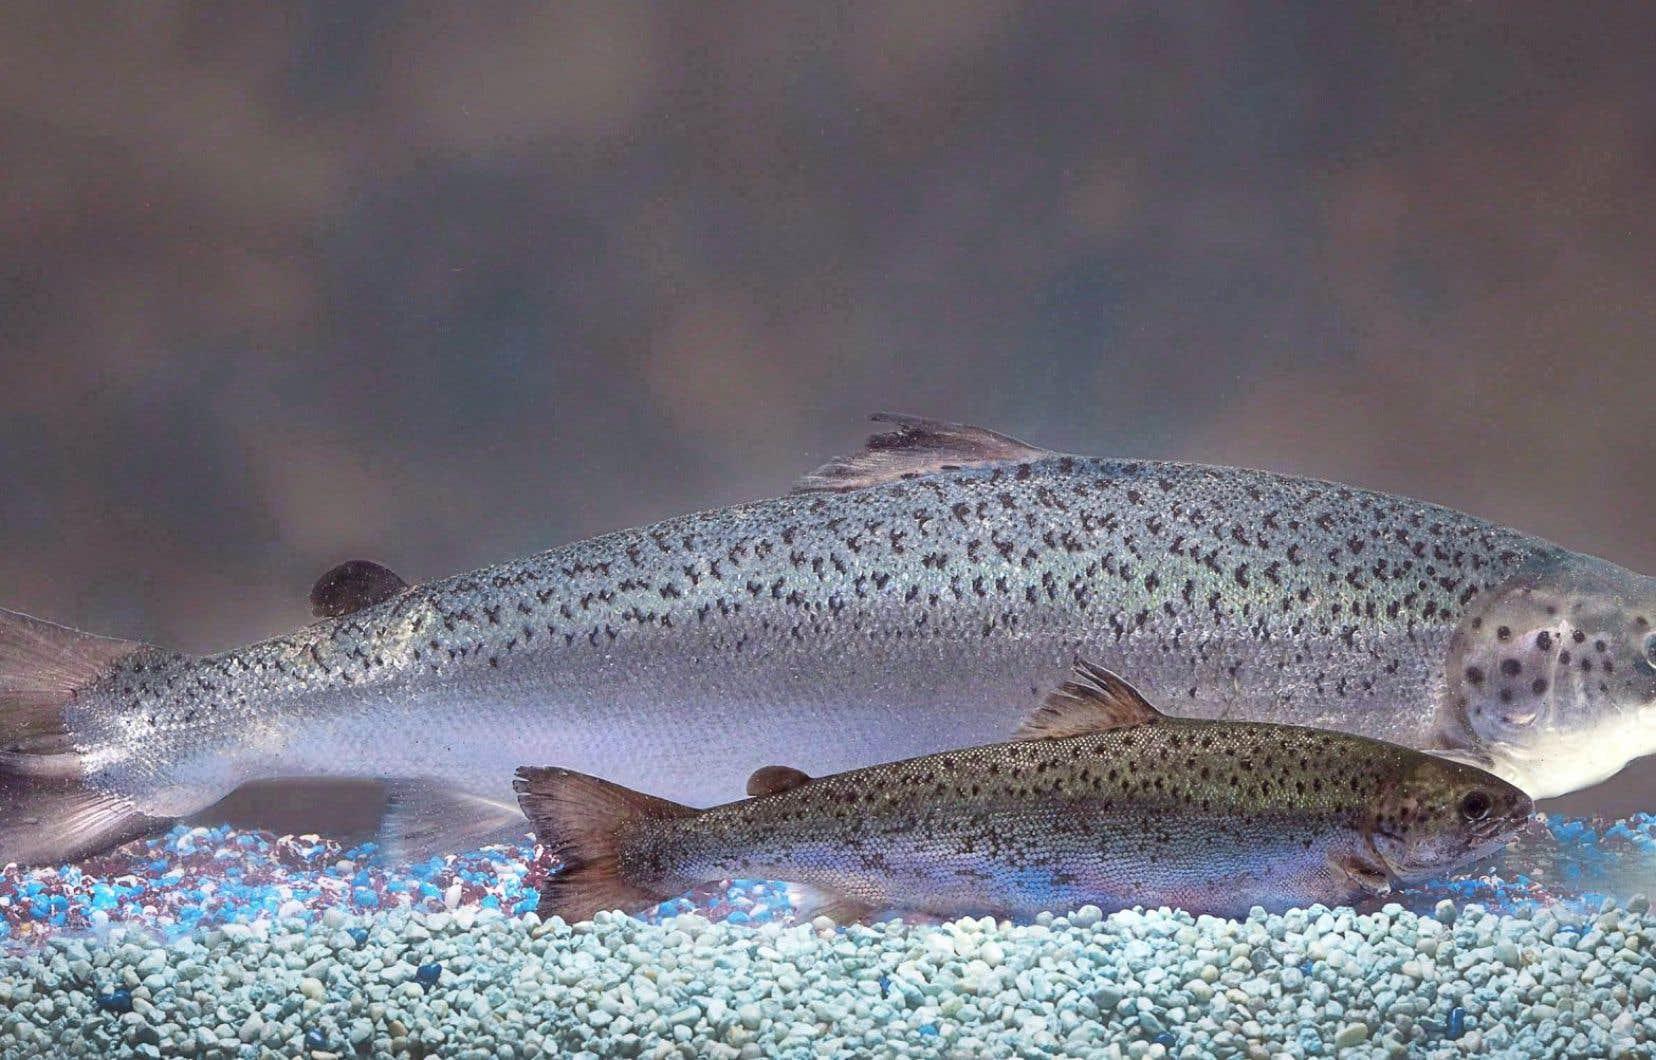 Le saumon en cause a été conçu par AquaBounty Technologies pour favoriser une croissance rapide lors des premiers stades de la vie du poisson. Sur notre photo, les deux saumons ont le même âge.